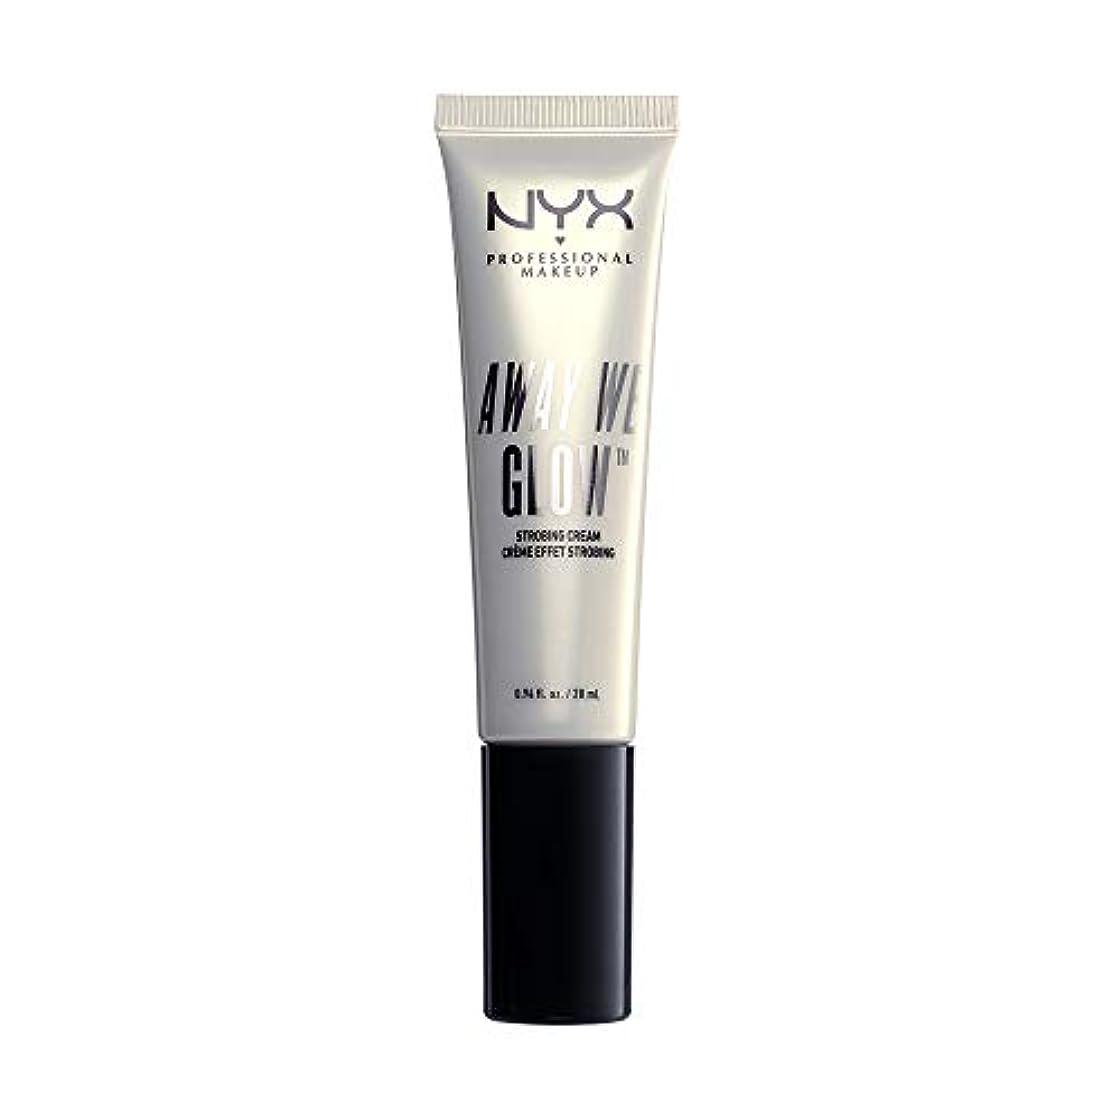 歩き回る悩む渇きNYX(ニックス) アウェイ ウィー グロー ストロビングクリーム 01 カラー ブライト スター